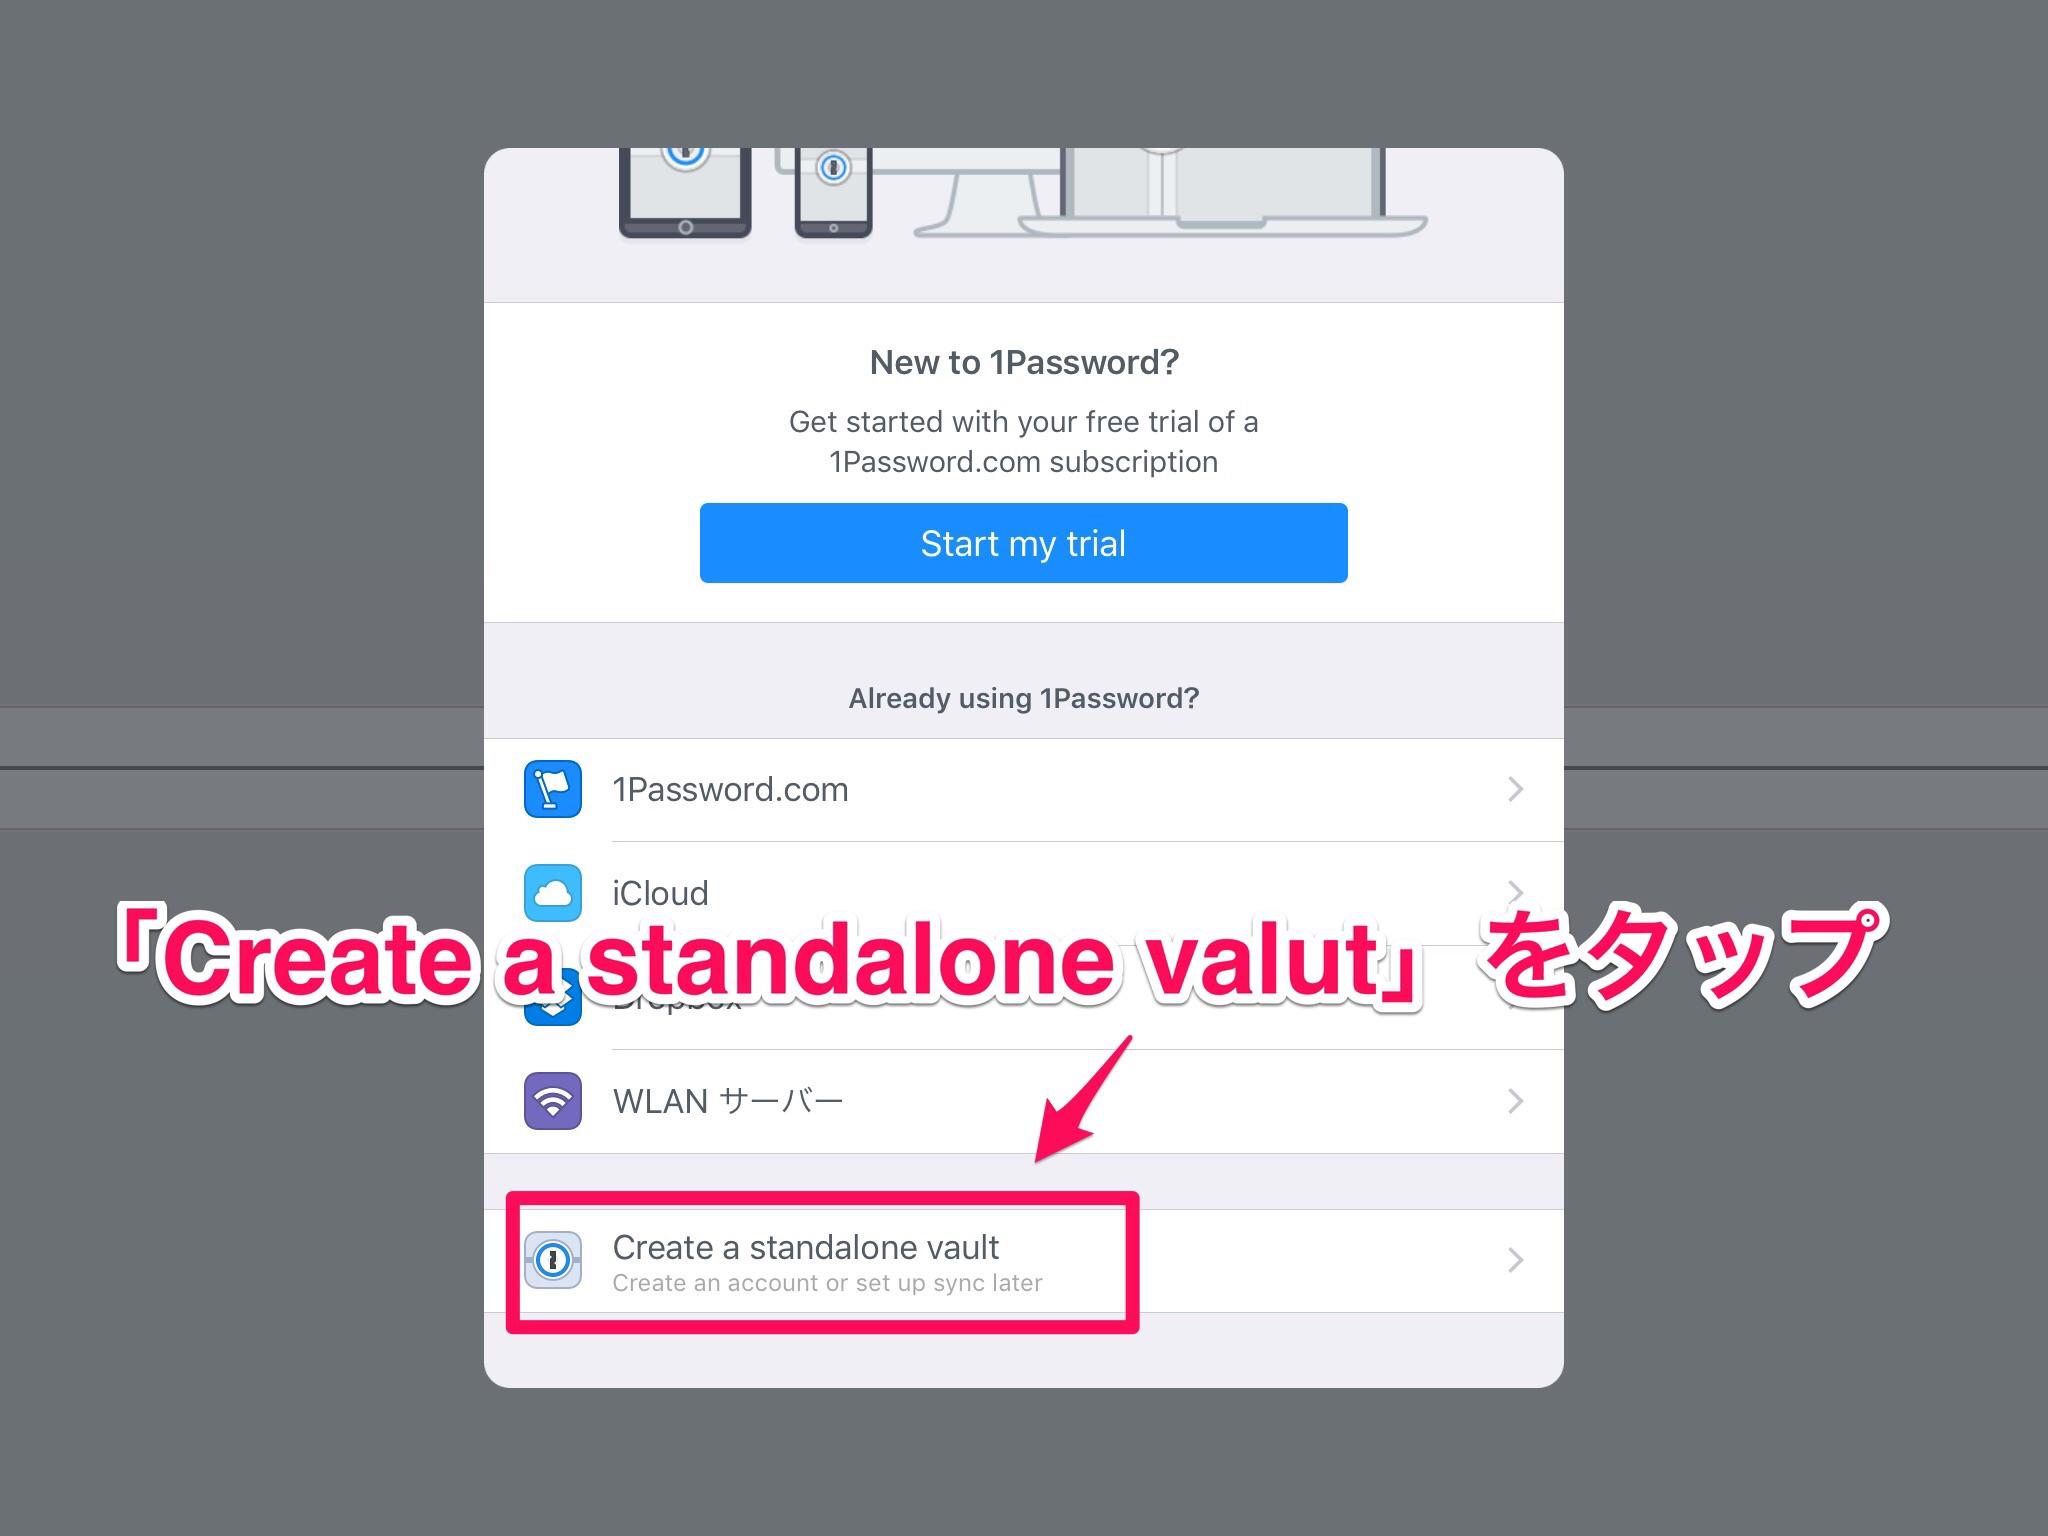 初めての人のための無料で使う!1Passwordの初期設定方法 | iPad